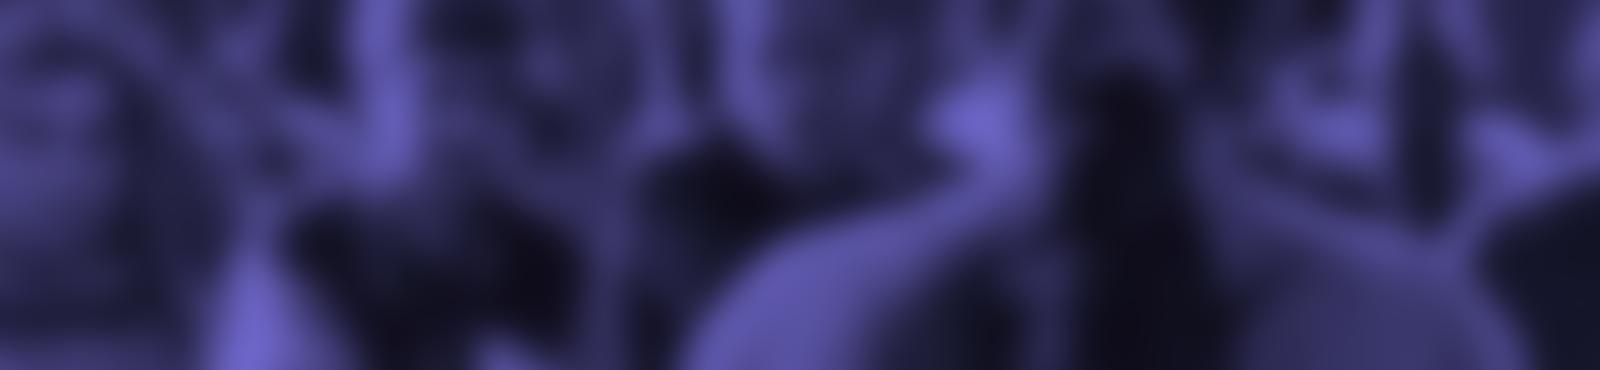 Blurred 003fc43a 3fa9 4aca 9200 c1522a612f34